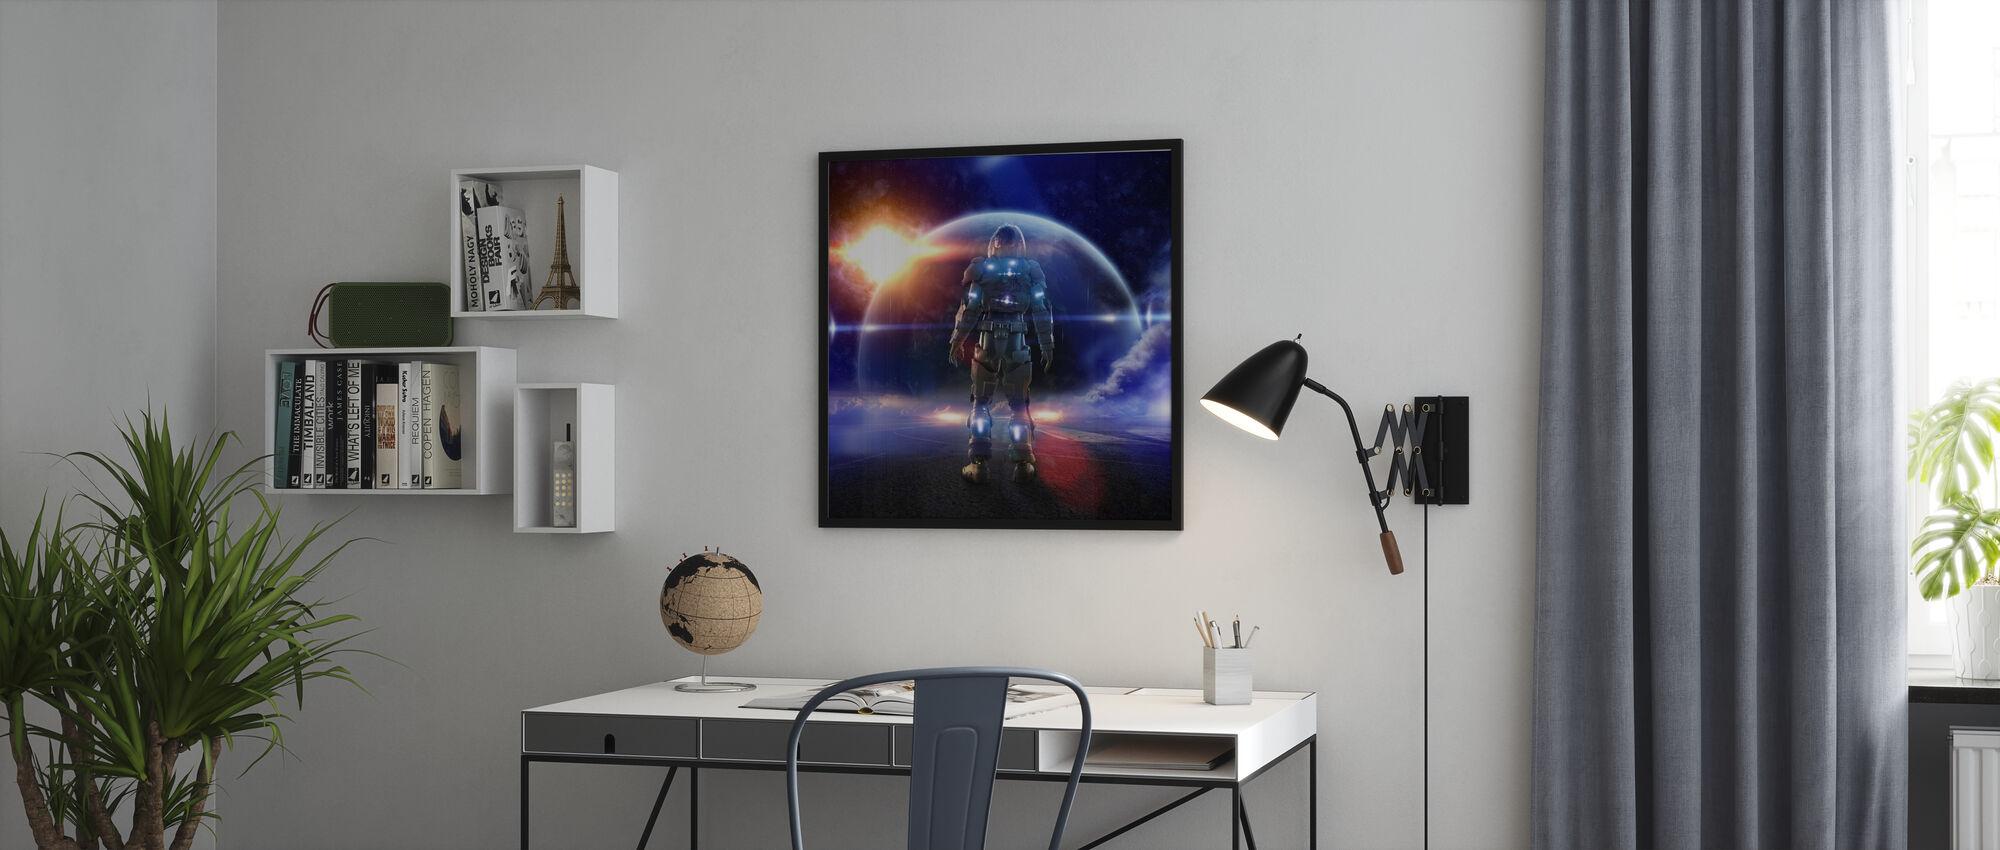 Space Knight - Juliste - Toimisto